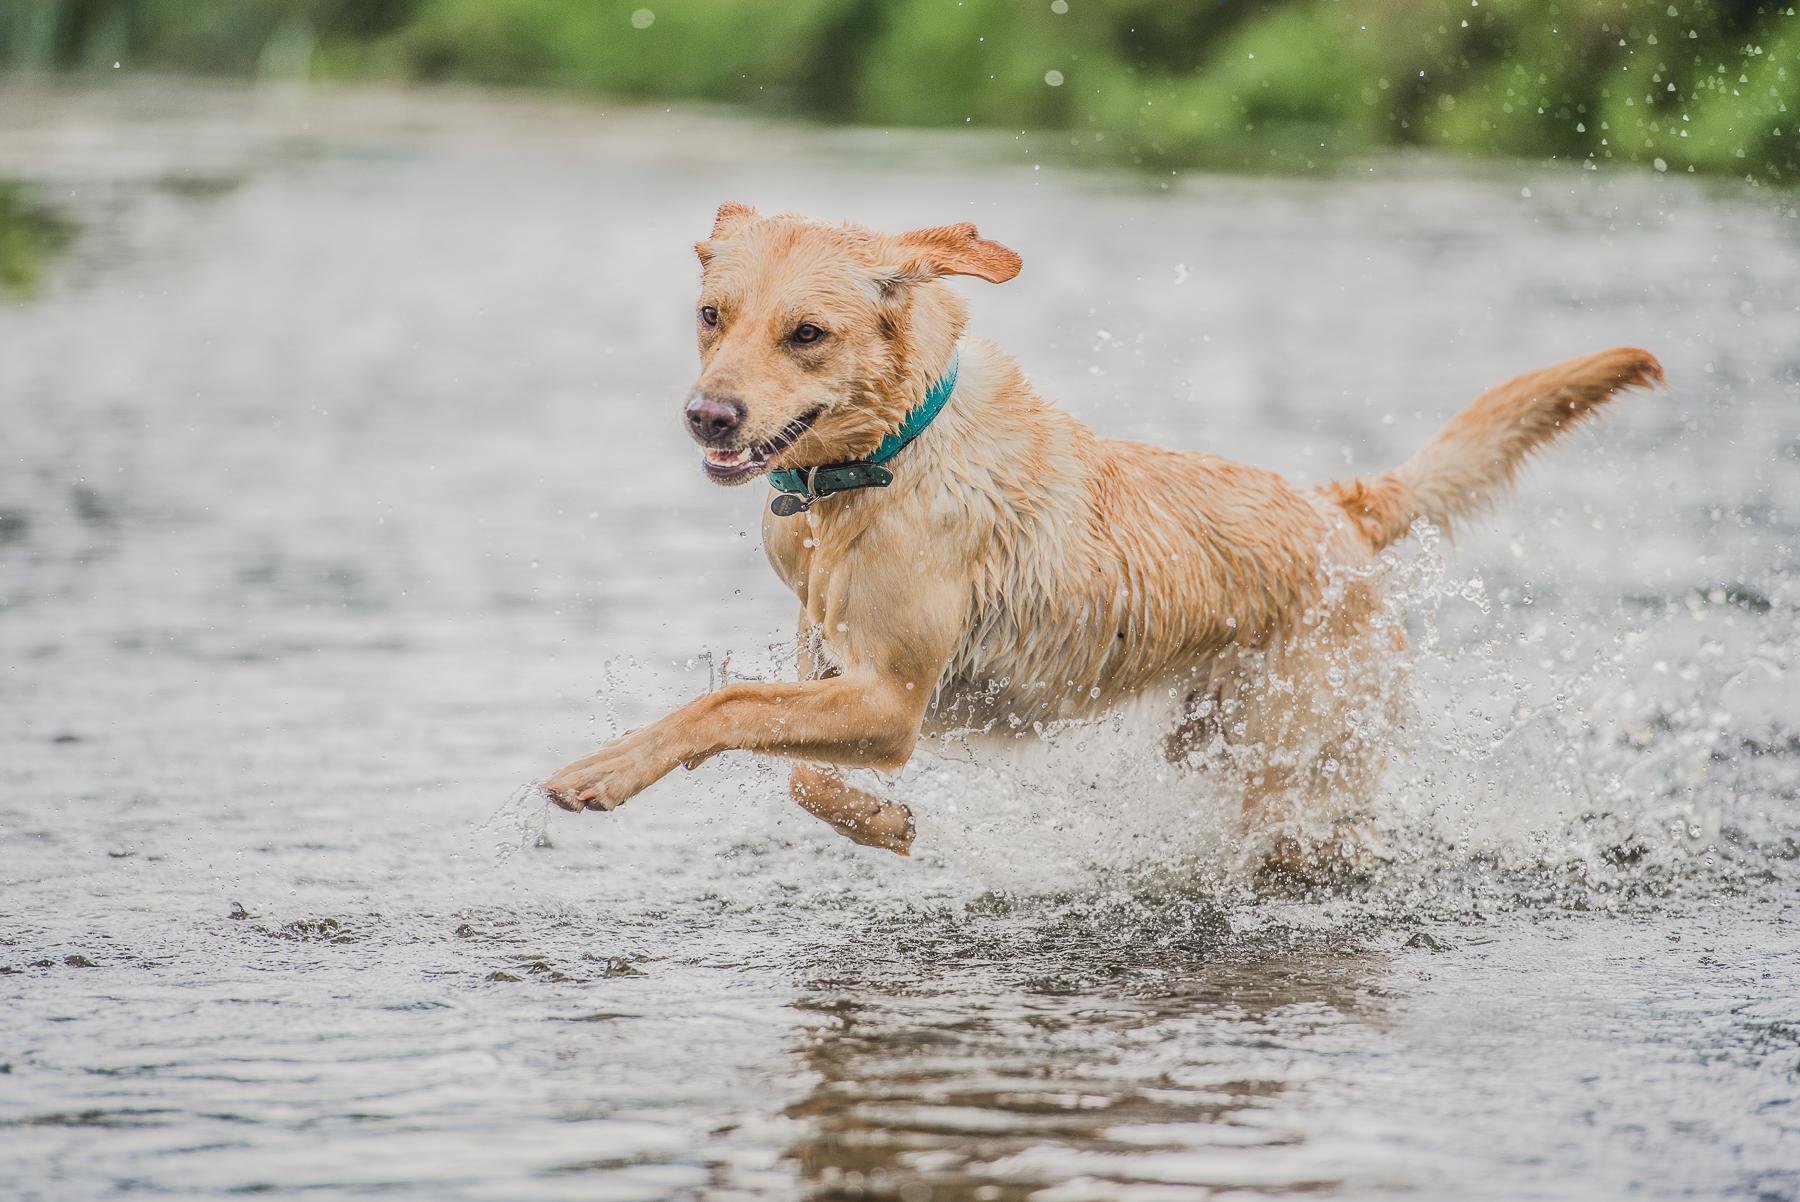 Dog running through river